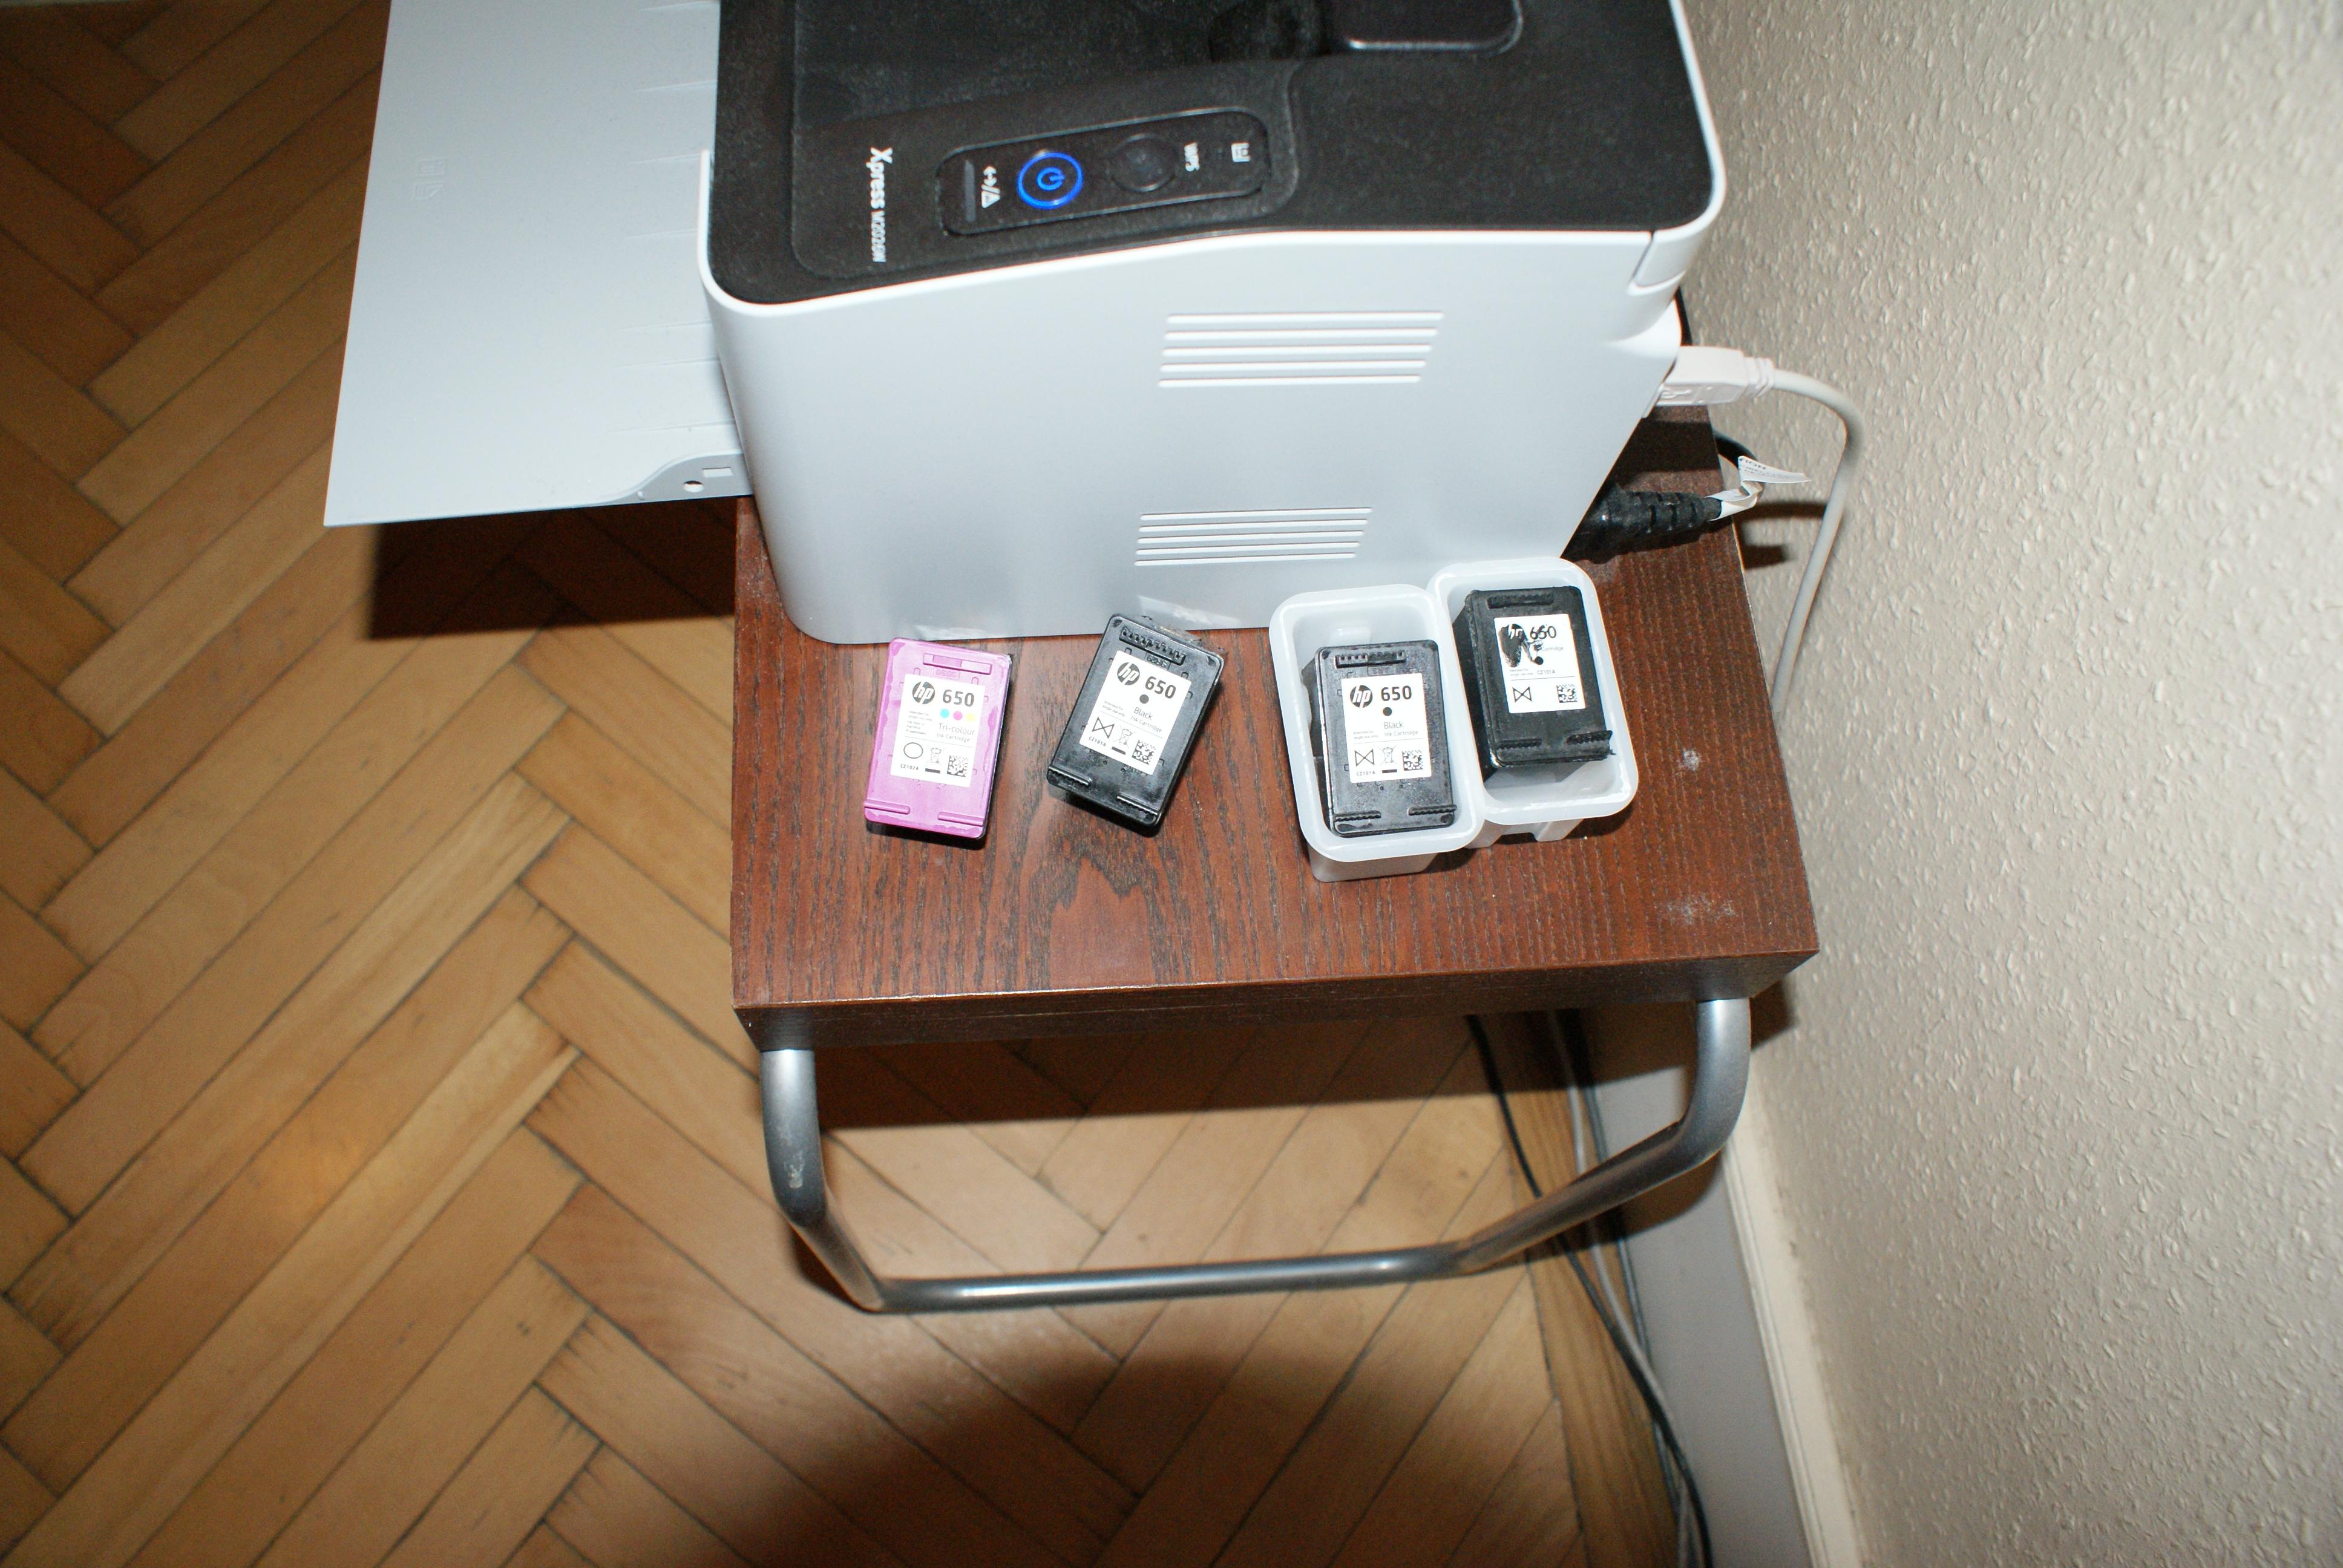 Fiatal felnőttek tintasugaras nyomtatóval hamisítottak pénzt Budapesten